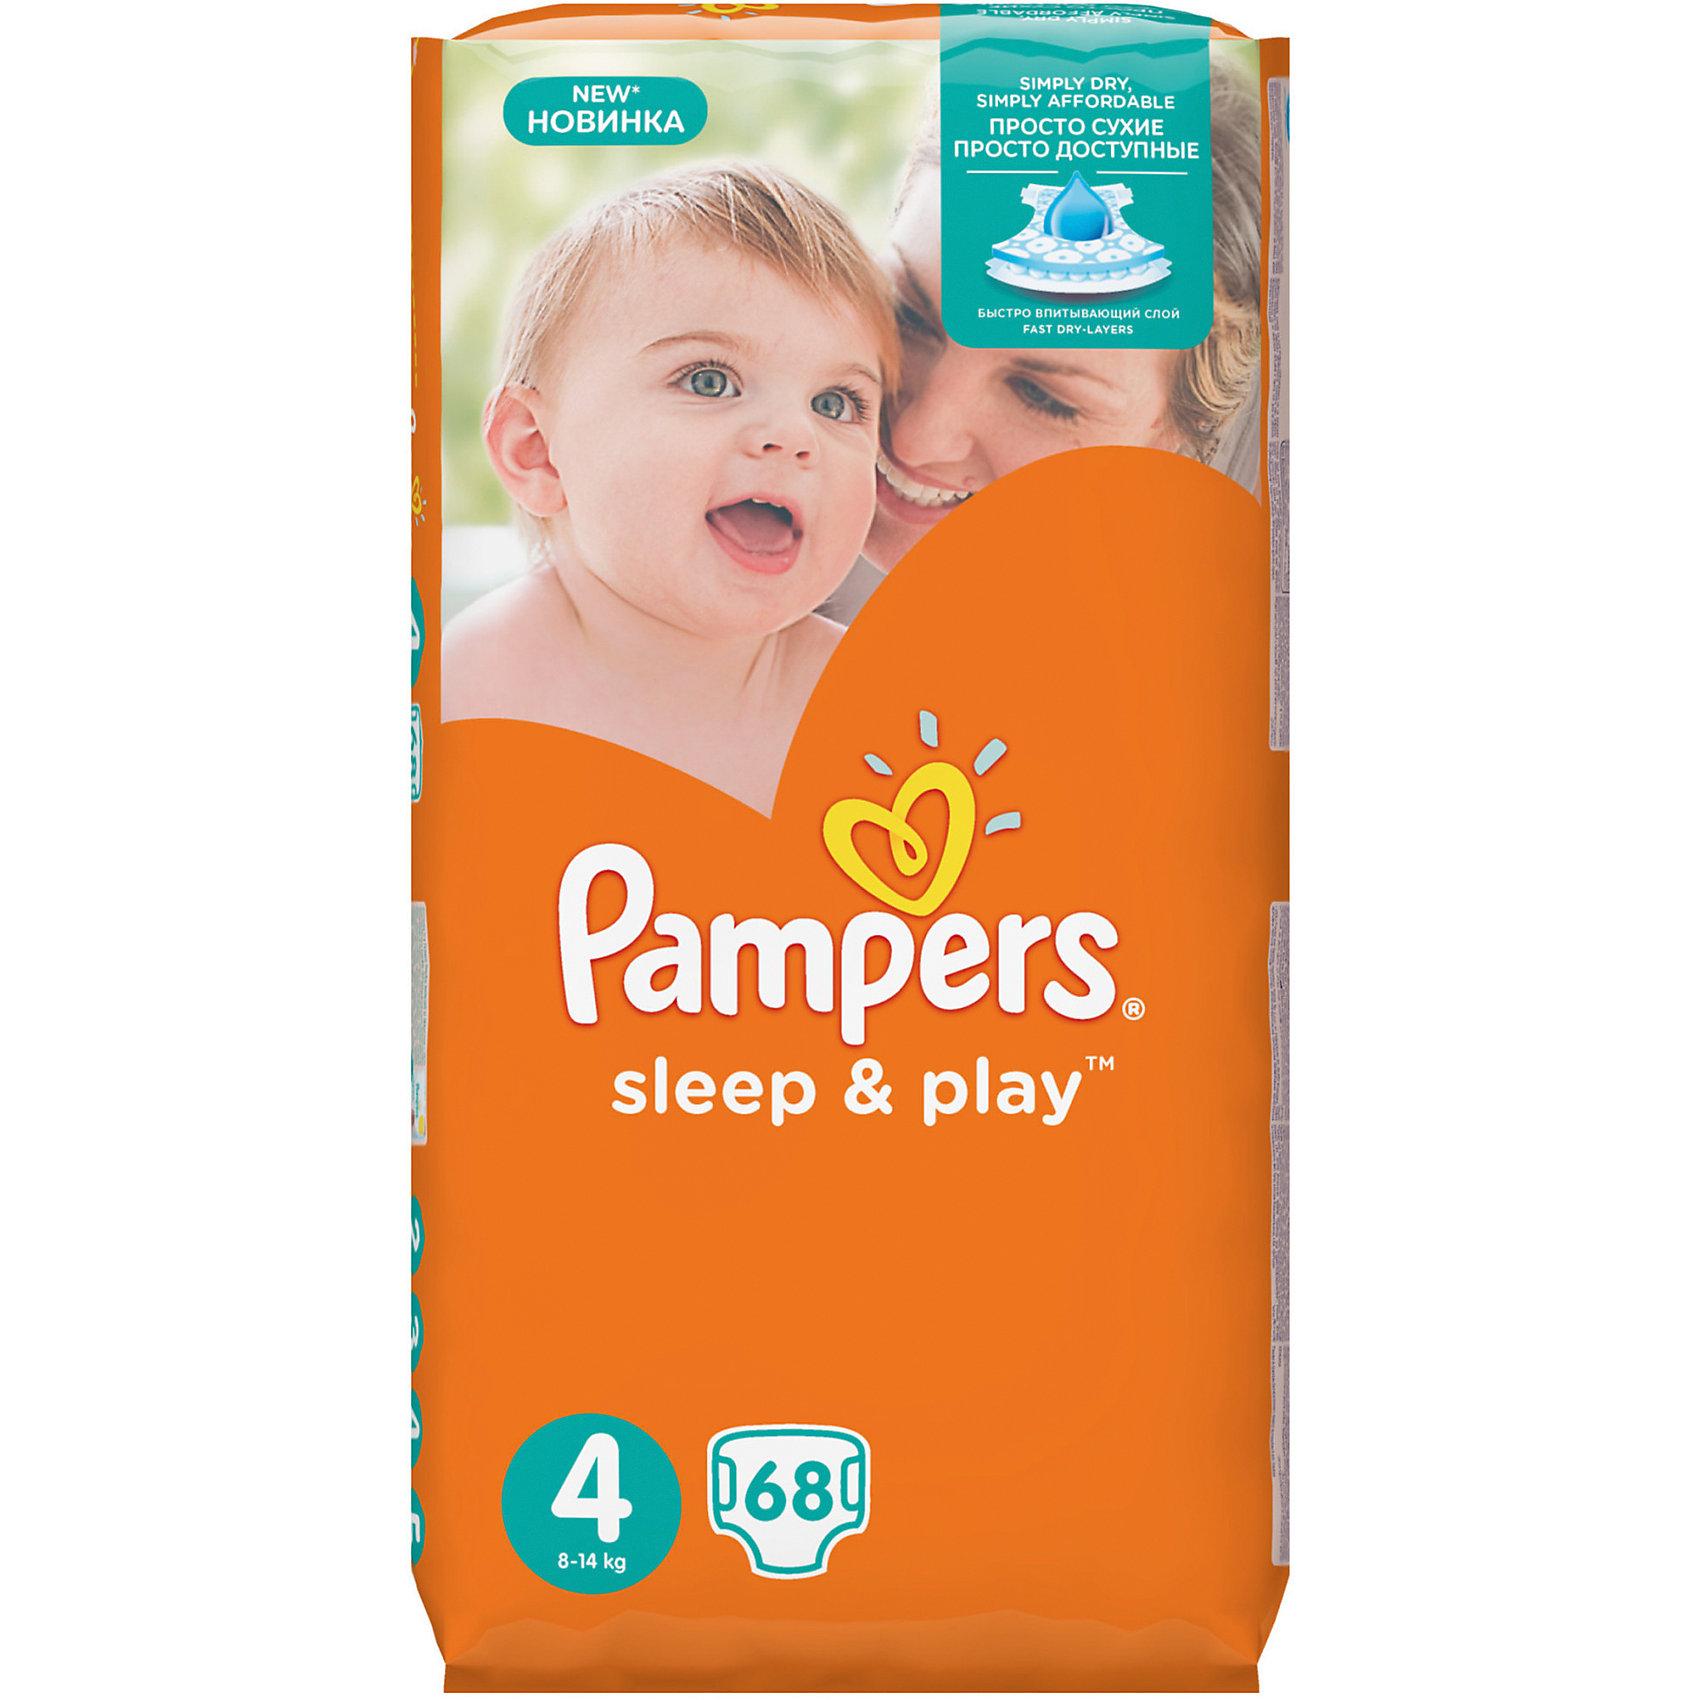 Подгузники Pampers Sleep &amp; Play, 8-14 кг, 4 размер, 68 шт., PampersХарактеристики:<br><br>• Пол: универсальный<br>• Тип подгузника: одноразовый<br>• Коллекция: Sleep &amp; Play<br>• Предназначение: для использования в любое время суток <br>• Размер: 4<br>• Вес ребенка: от 8 до 14 кг<br>• Количество в упаковке: 68 шт.<br>• Упаковка: пакет<br>• Размер упаковки: 26,4*11,8*42,7 см<br>• Вес в упаковке: 1 кг 908 г<br>• Эластичные застежки-липучки<br>• Быстро впитывающий слой<br>• Яркий дизайн<br>• Сохранение сухости в течение 9-ти часов<br>• Содержит экстракт ромашки<br><br>Подгузники Pampers Sleep &amp; Play, 8-14 кг, 4 размер, 68 шт., Pampers – это линейка классических детских подгузников от Pampers, которая сочетает в себе качество и безопасность материалов, удобство использования и комфорт для нежной кожи малыша. Подгузники предназначены для младенцев весом до 14 кг. Инновационные технологии и современные материалы обеспечивают этим подгузникам Дышащие свойства, что особенно важно для кожи малыша. <br><br>Впитывающие свойства изделию обеспечивает уникальный слой, который равномерно распределяет влагу внутри подгузника, при этом сохраняя сухость верхнего слоя. У подгузников предусмотрена эластичная мягкая резиночка на спинке. Широкие липучки с двух сторон обеспечивают надежную фиксацию. В составе подгузника имеется экстракт ромашки, который защищает кожу ребенка от раздражений. Подгузник подходит как для мальчиков, так и для девочек. <br><br>Подгузники Pampers Sleep &amp; Play, 8-14 кг, 4 размер, 68 шт., Pampers можно купить в нашем интернет-магазине.<br><br>Ширина мм: 264<br>Глубина мм: 118<br>Высота мм: 427<br>Вес г: 1908<br>Возраст от месяцев: 6<br>Возраст до месяцев: 24<br>Пол: Унисекс<br>Возраст: Детский<br>SKU: 5419060